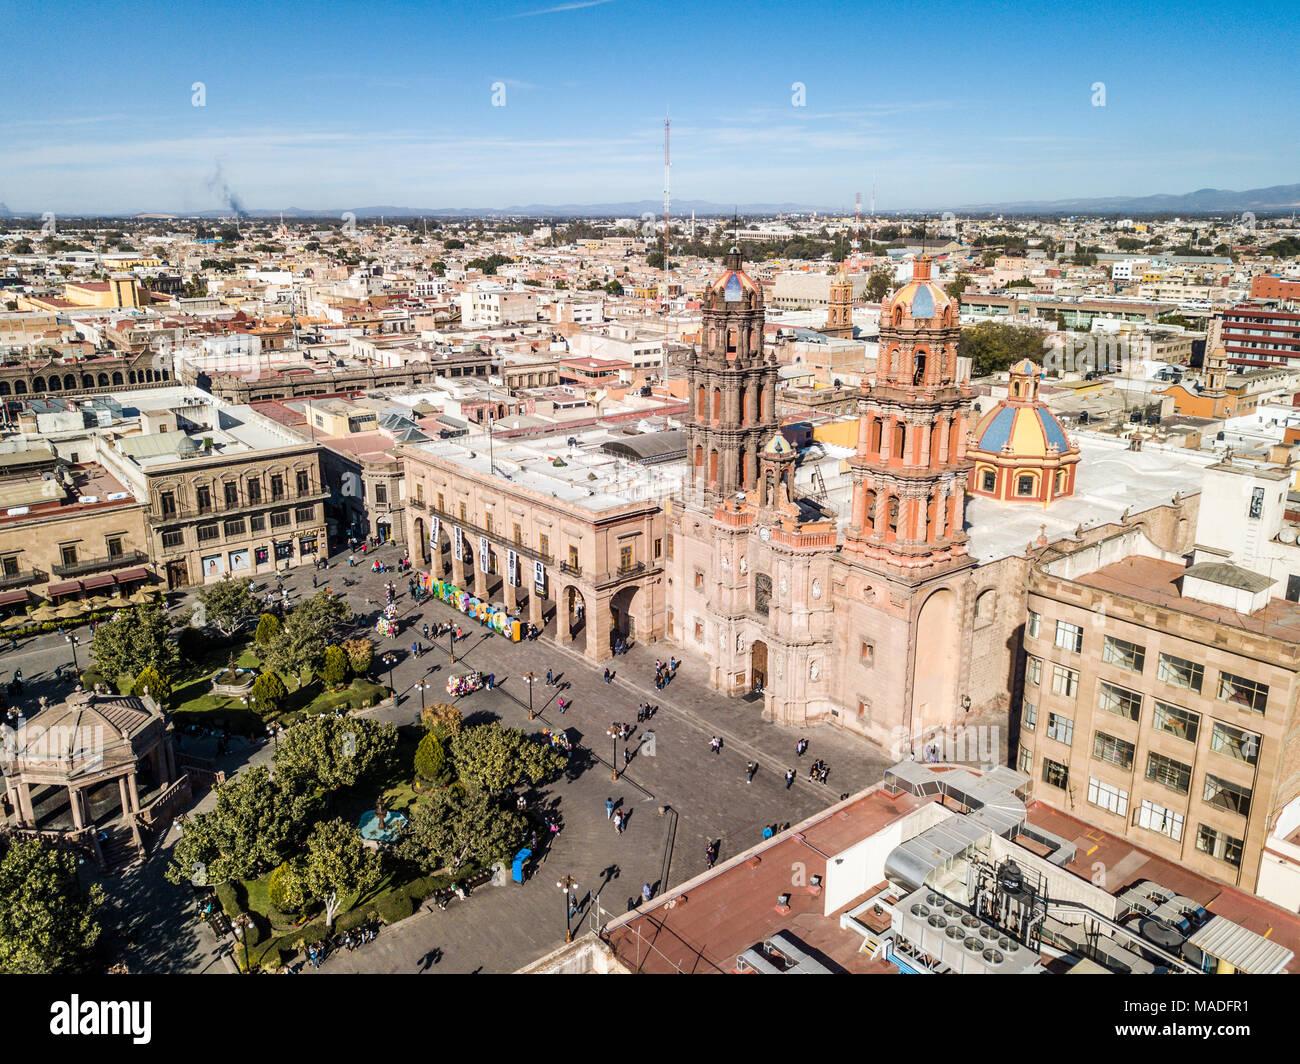 Metropolitan Cathedral of San Luis Potosí, Plaza de las Armas, San Luis Potosi, Mexico - Stock Image